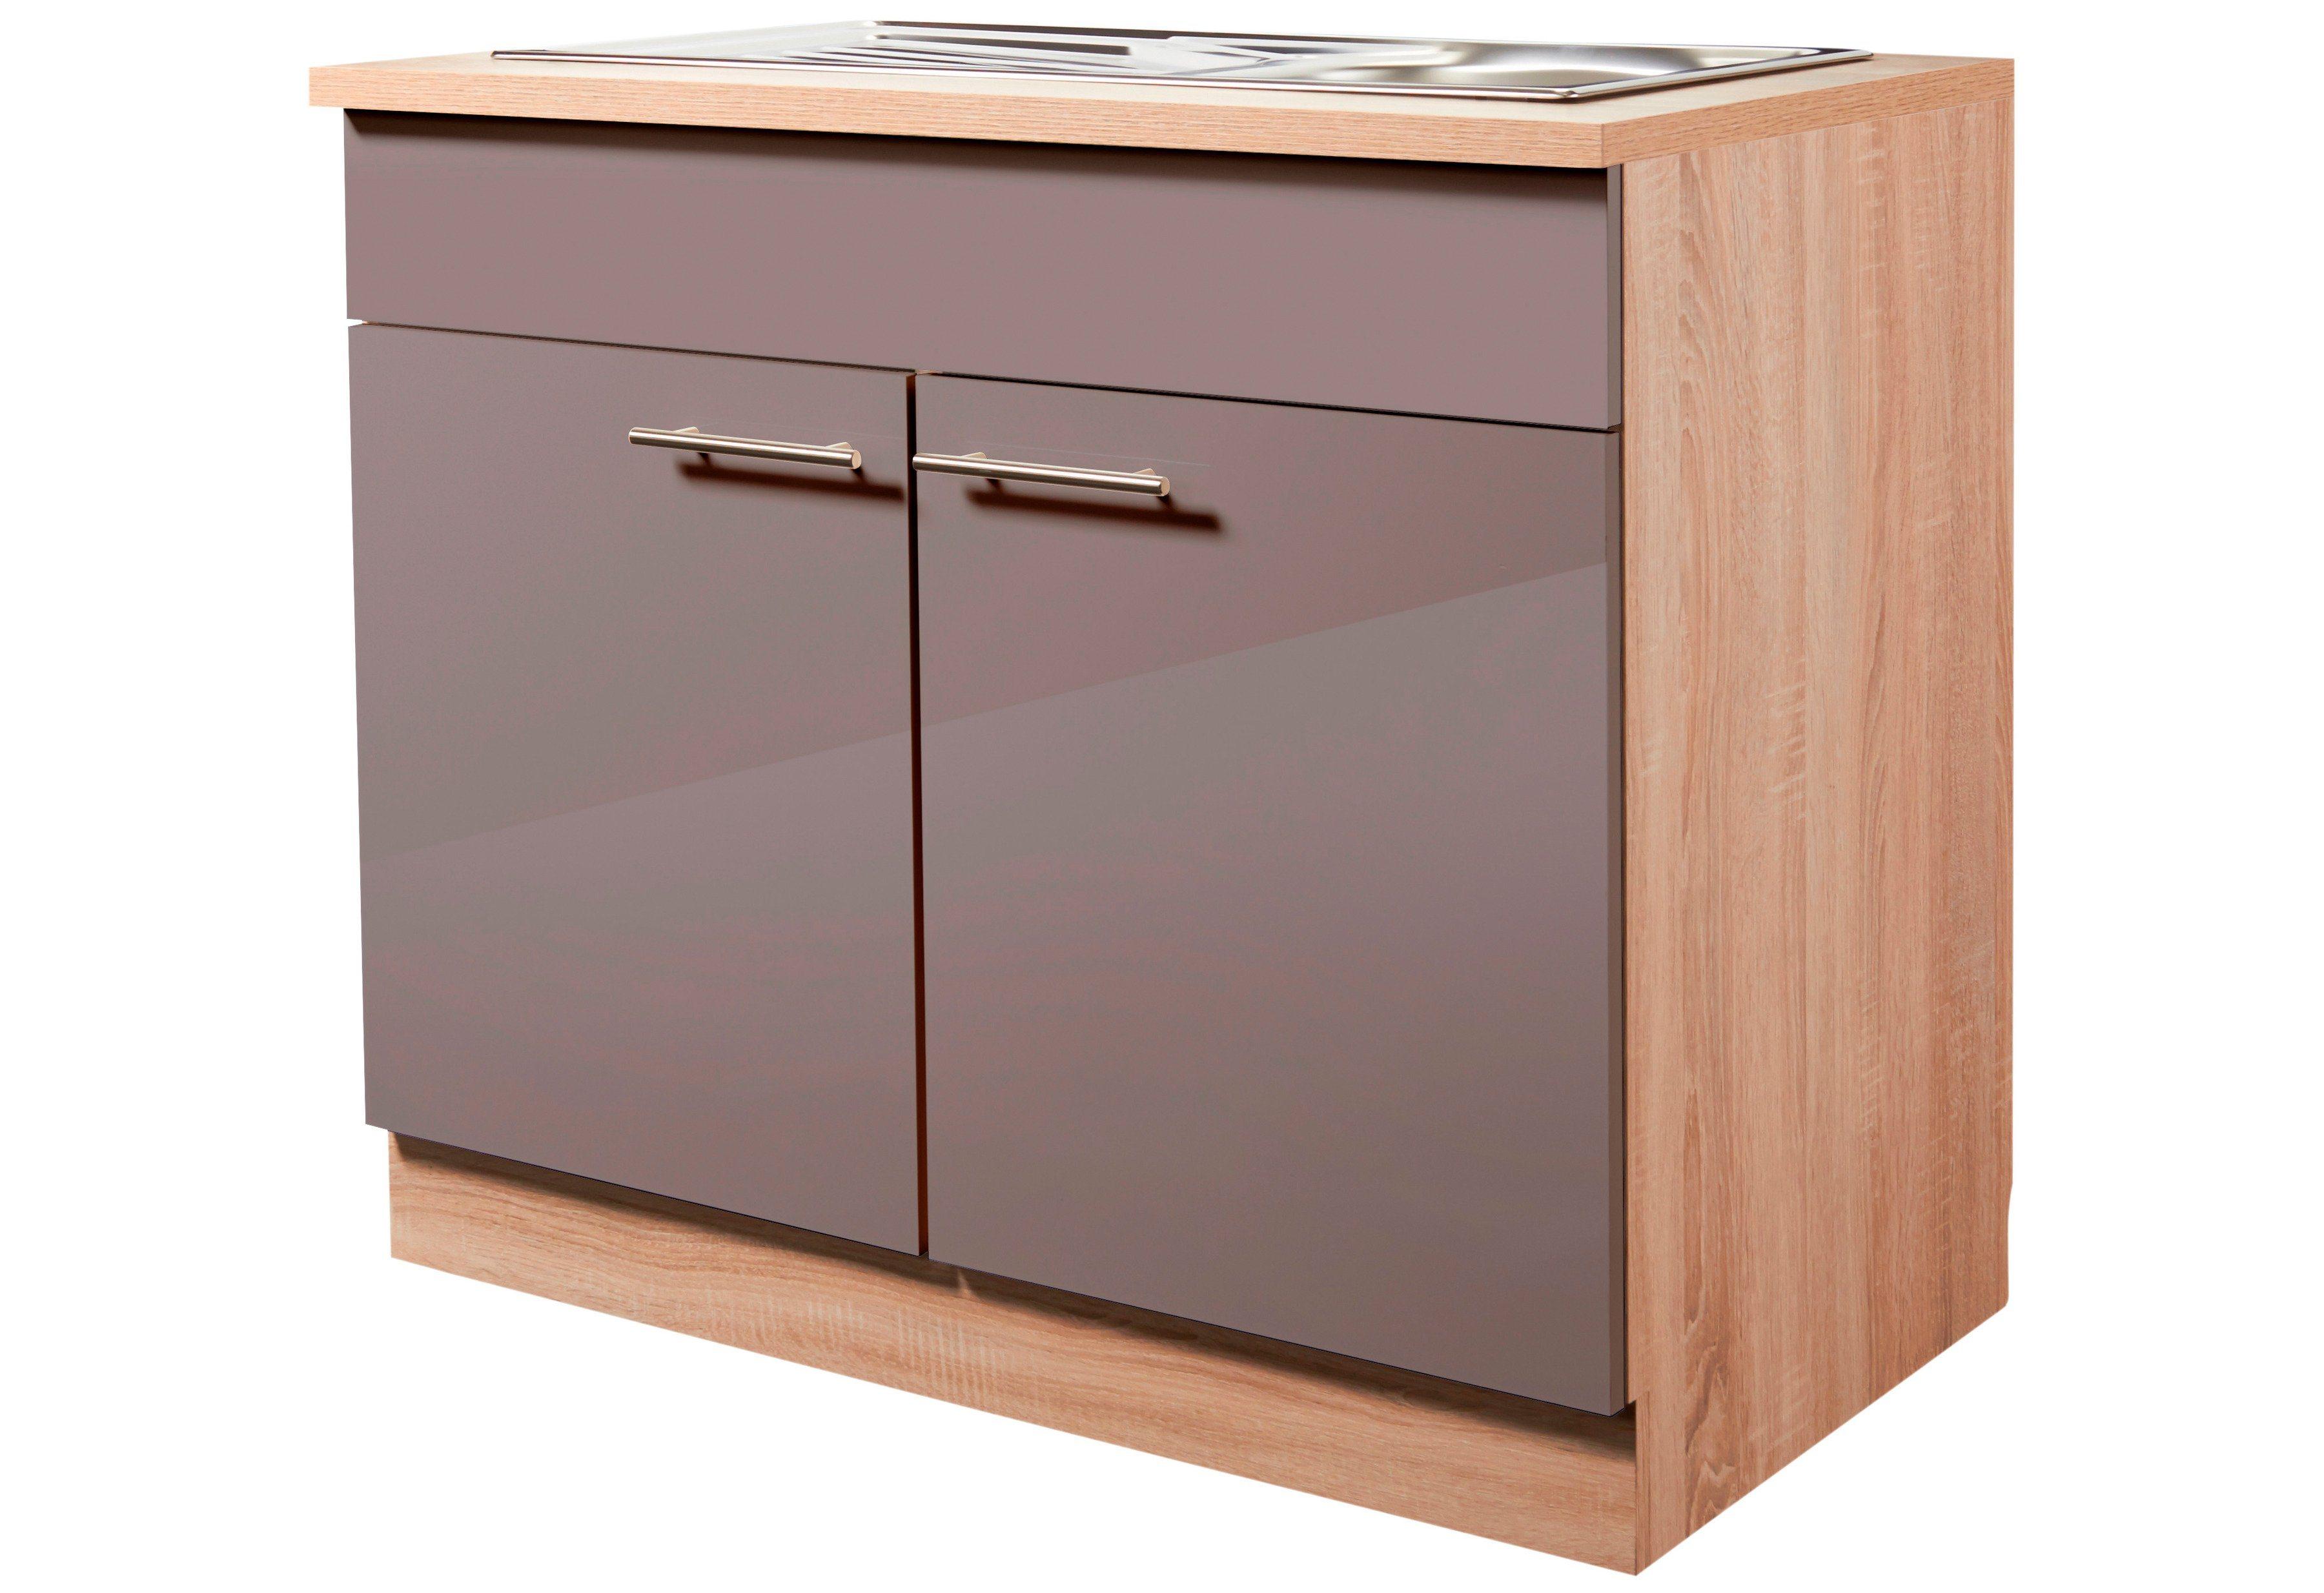 Wiho Küchen Spülenschrank »Montana Glanz«, | Küche und Esszimmer > Küchenschränke > Spülenschränke | Eiche - Holzwerkstoff | wiho Küchen